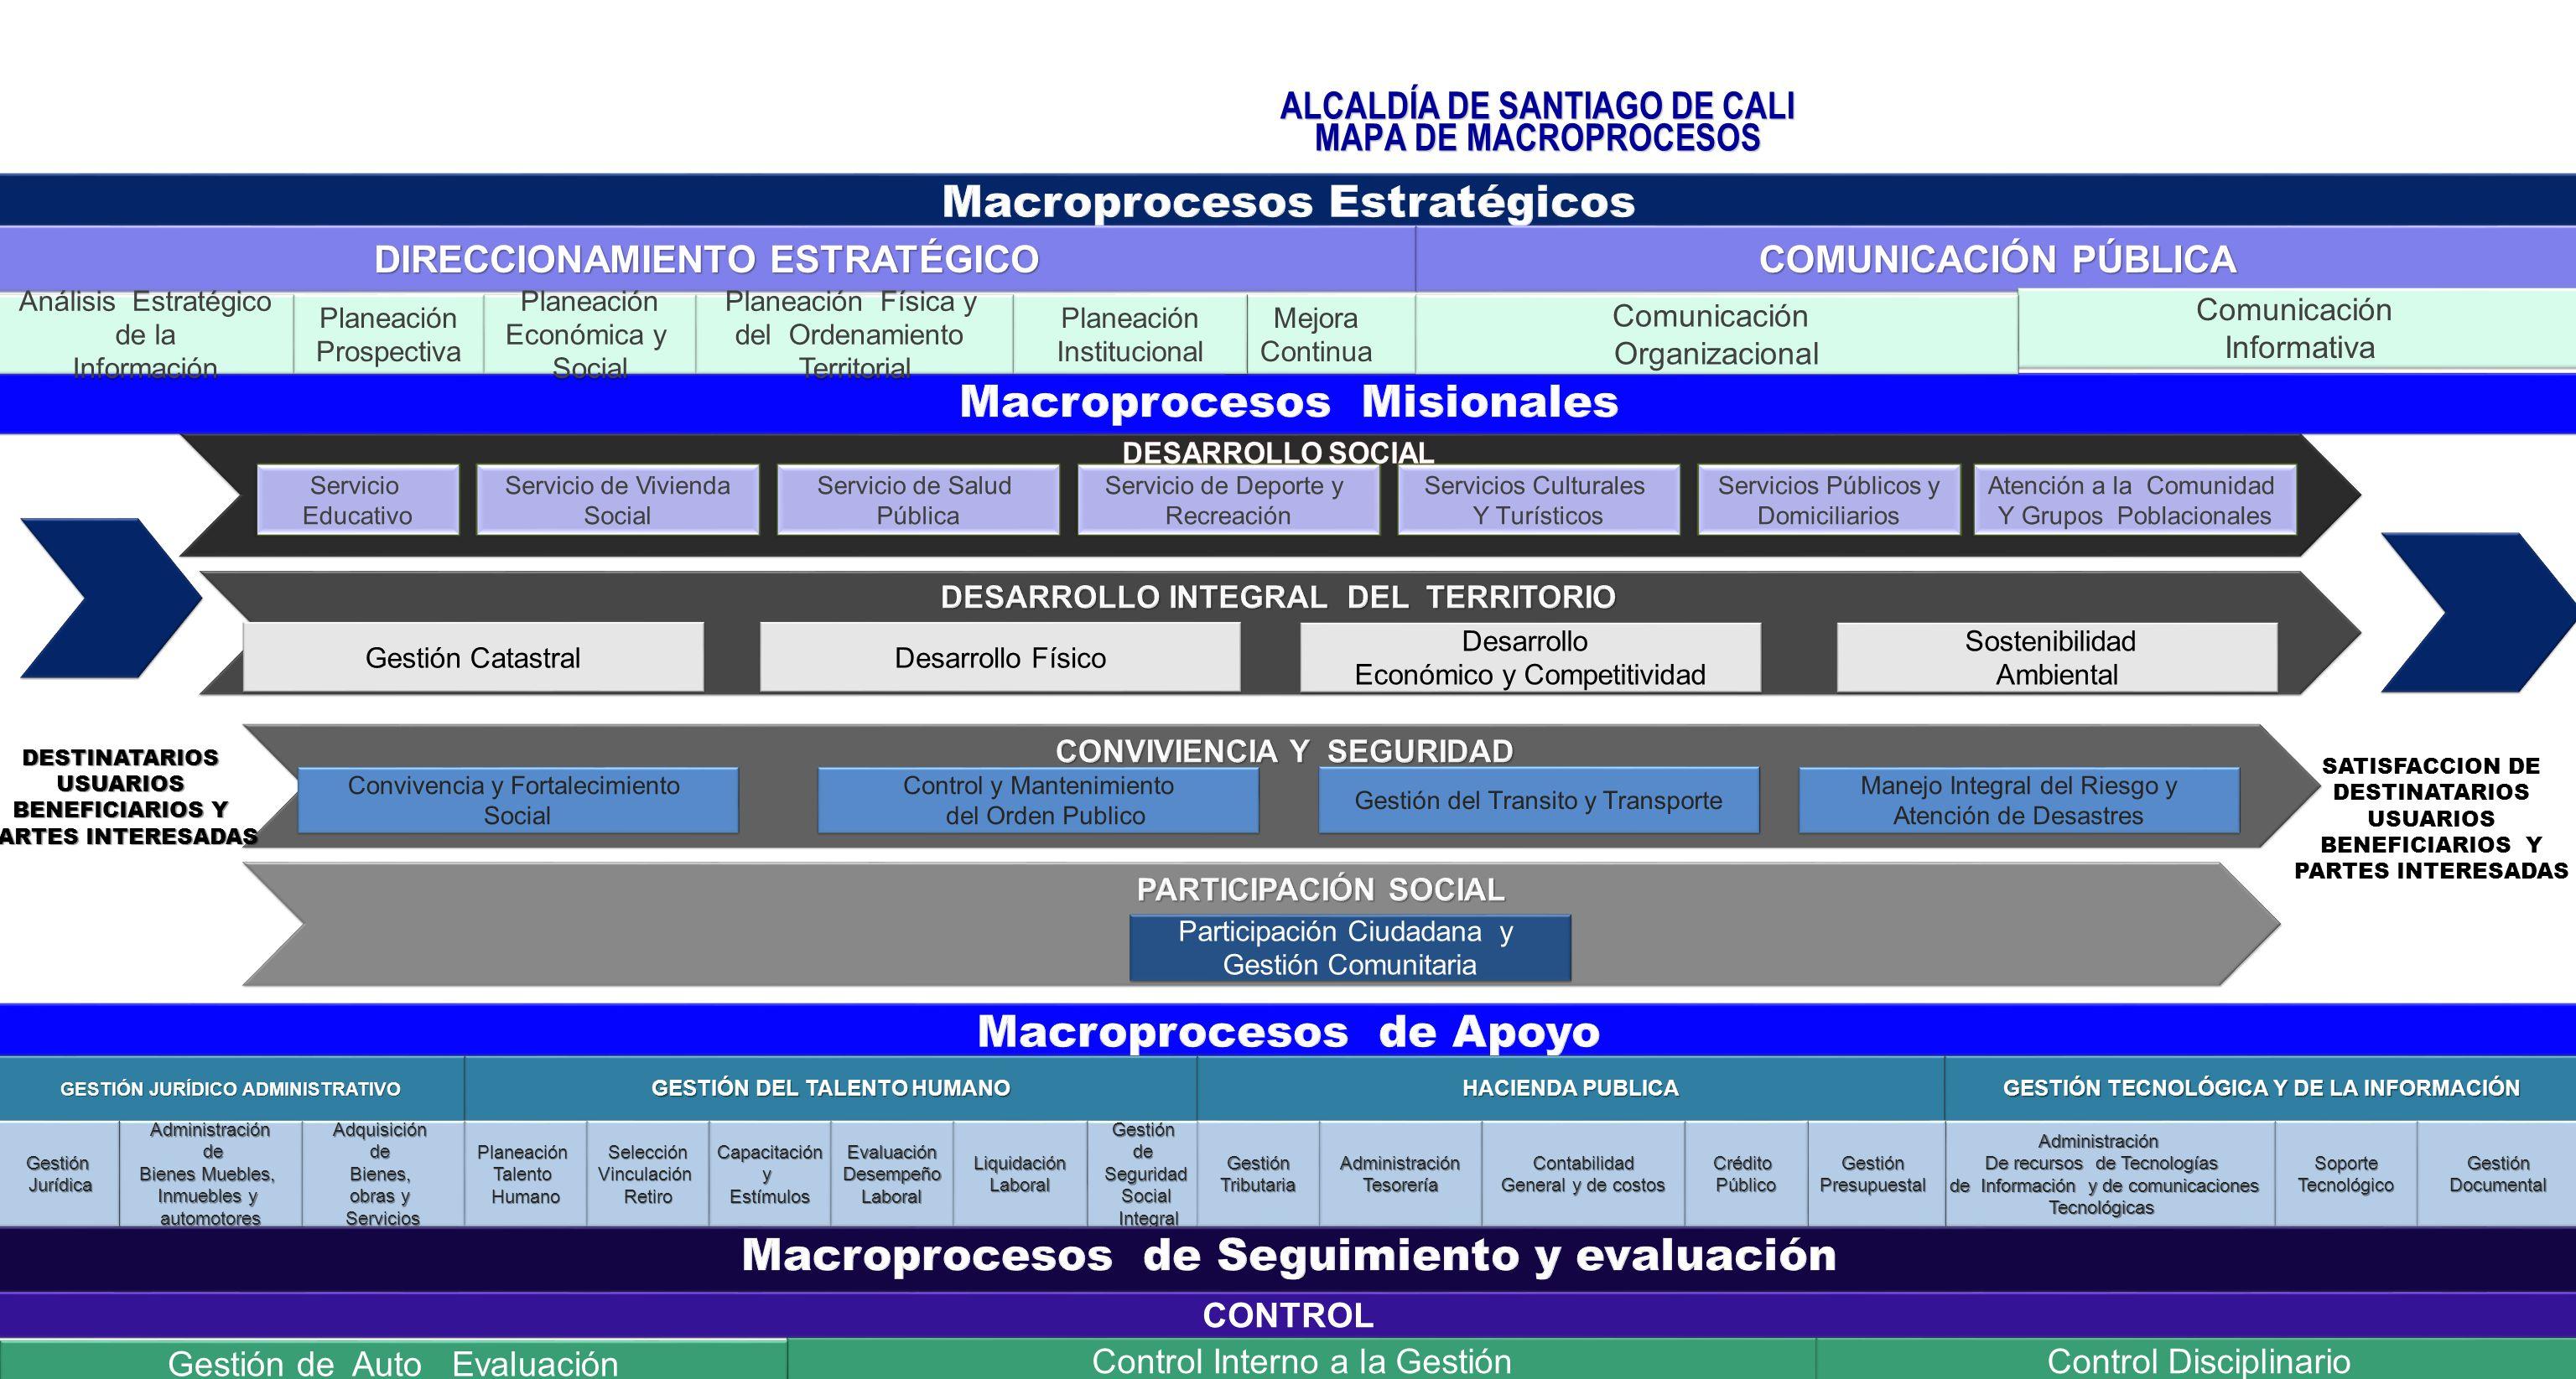 ALCALDÍA DE SANTIAGO DE CALI MAPA DE MACROPROCESOS Servicio Educativo Servicio Educativo Servicio de Vivienda Social Servicio de Vivienda Social Servi